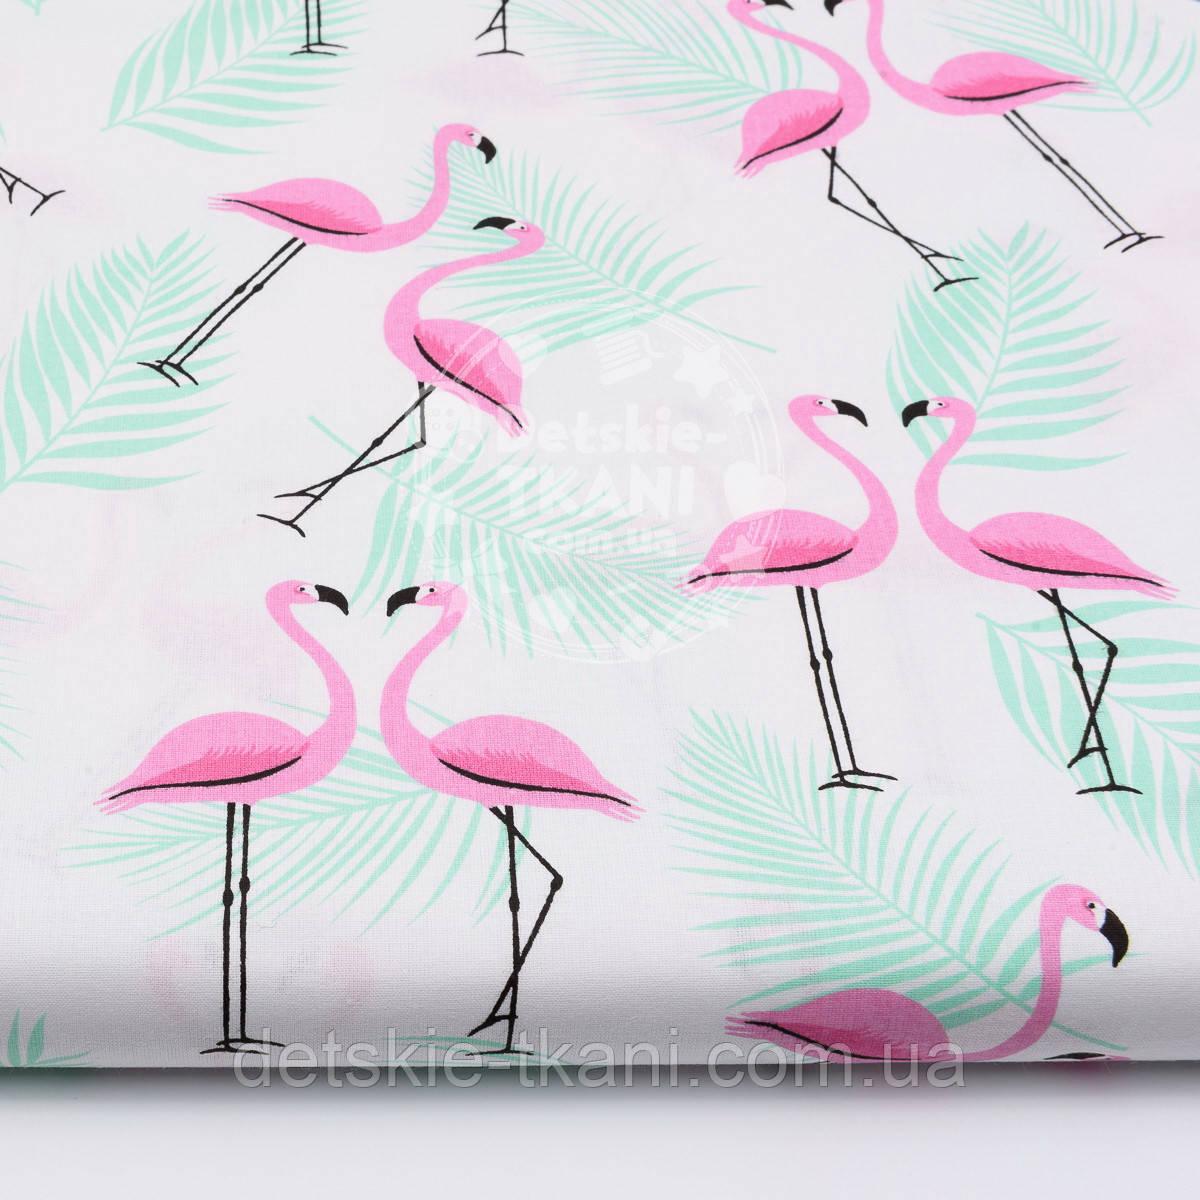 """Ткань хлопковая """"Розовые фламинго с мятной веткой пальмы"""" (№1540)"""